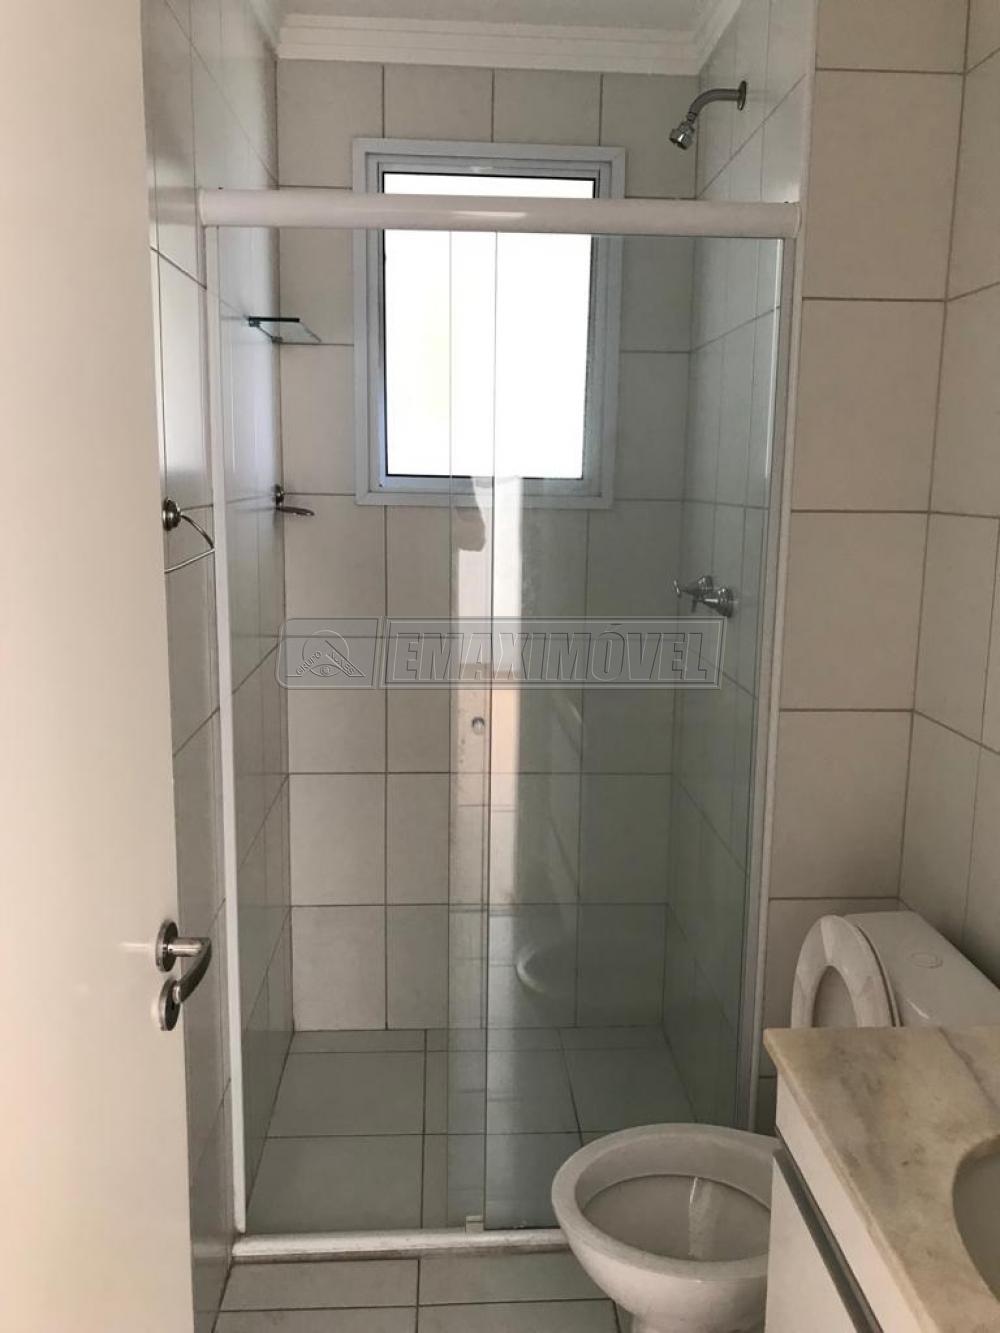 Alugar Apartamentos / Apto Padrão em Votorantim R$ 1.650,00 - Foto 7